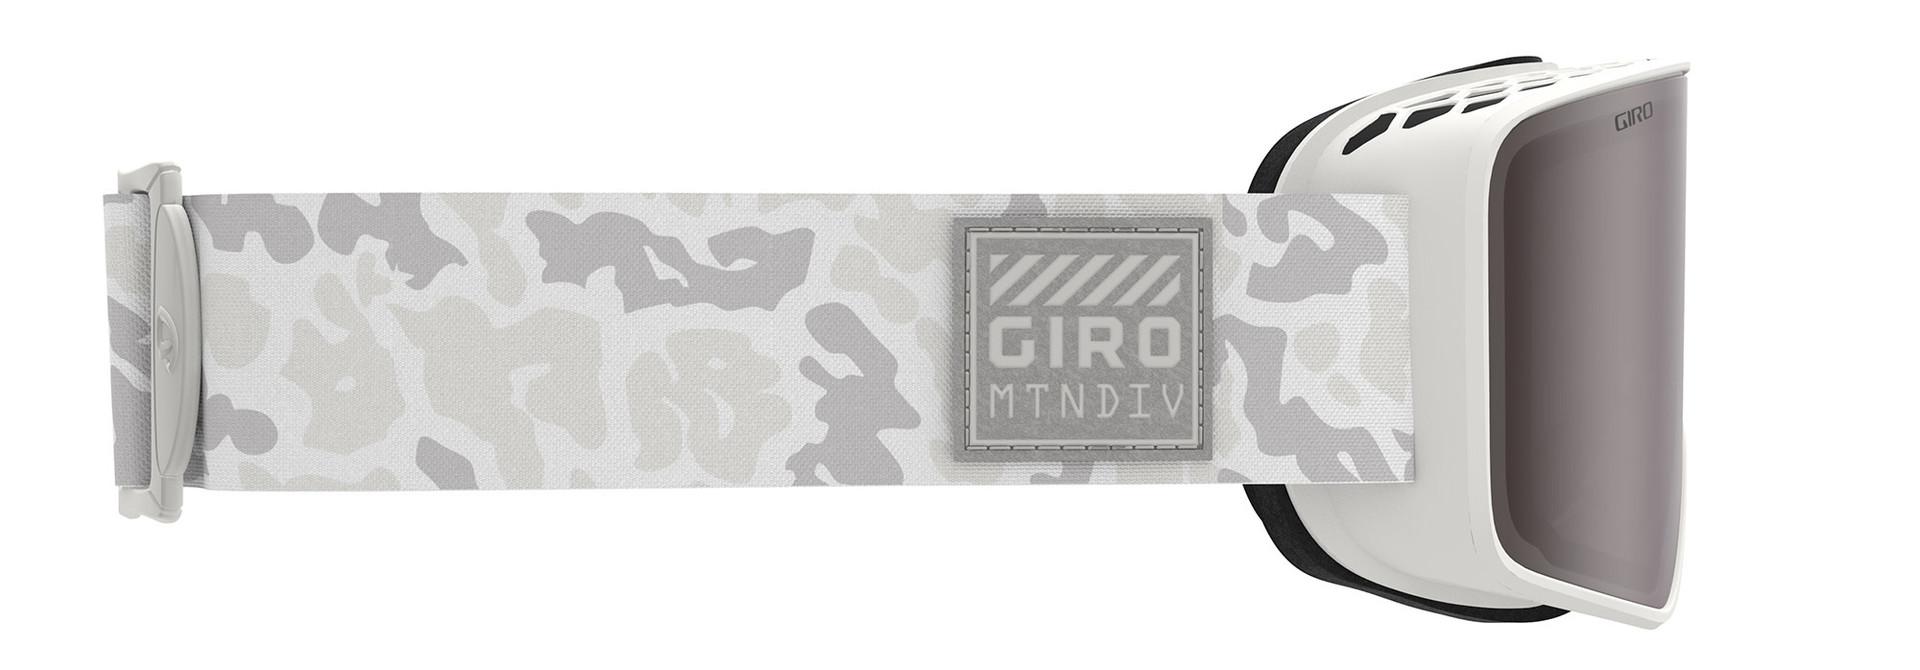 Giro Method